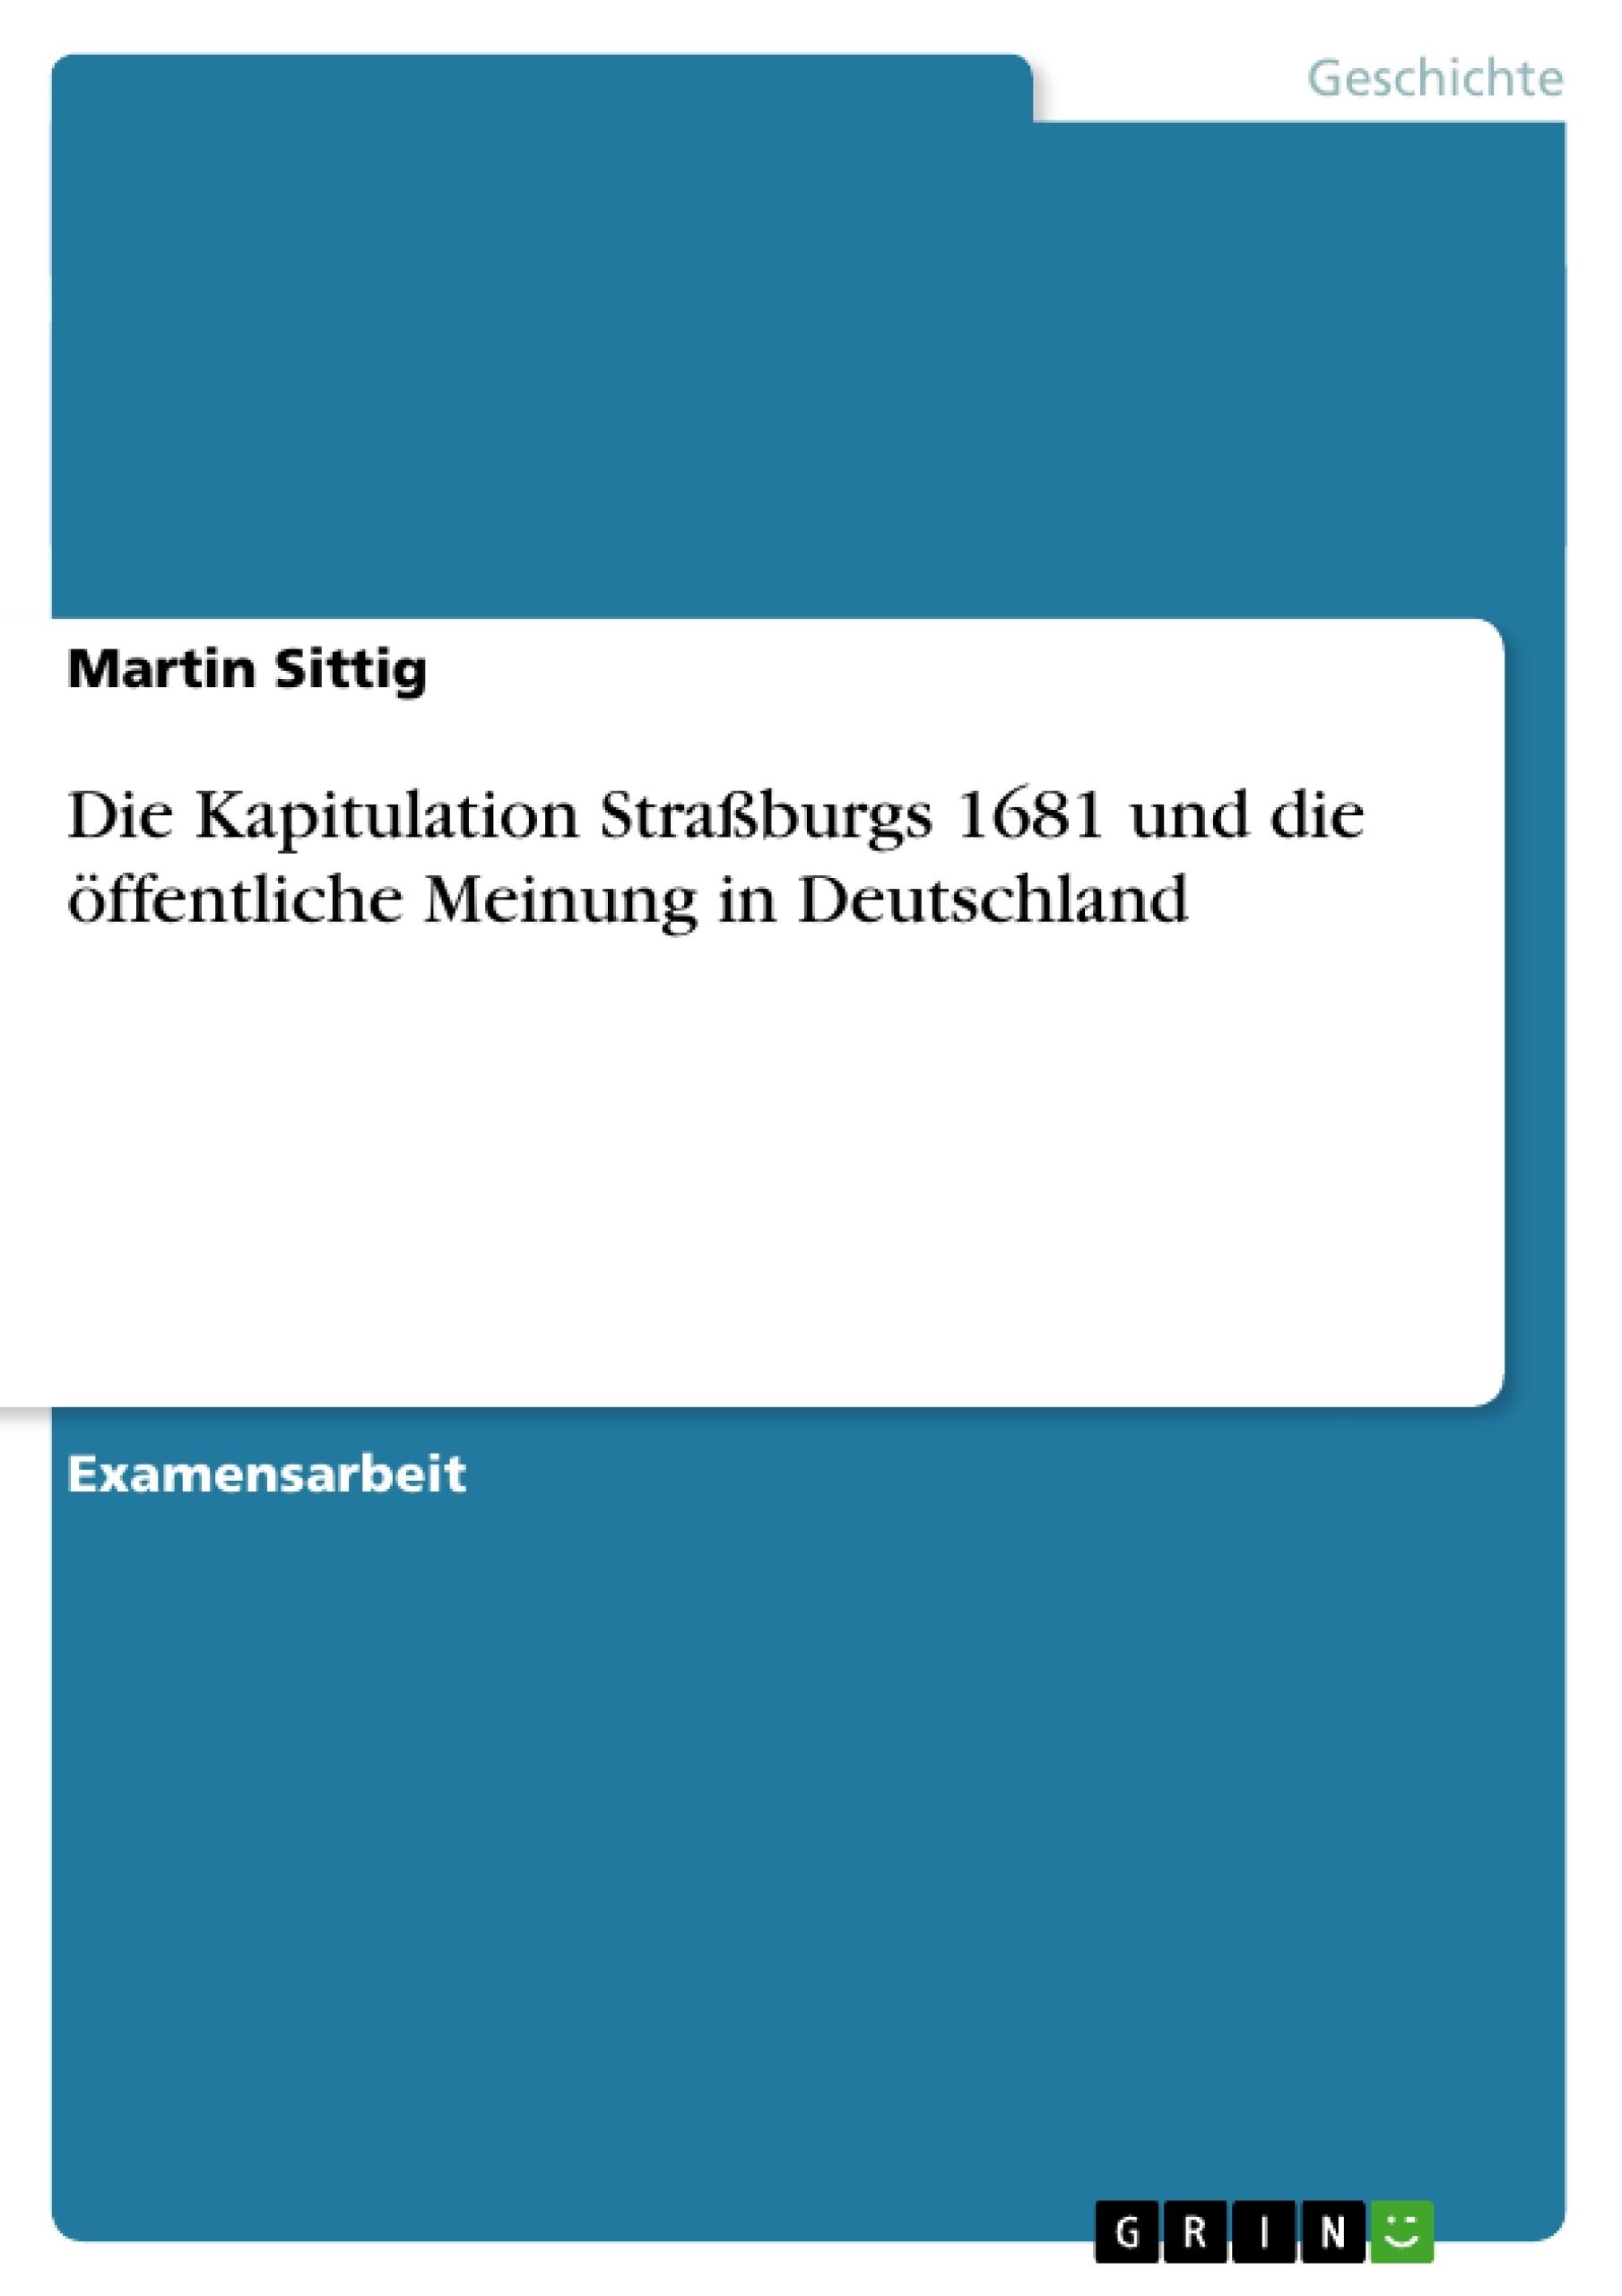 Titel: Die Kapitulation Straßburgs 1681 und die öffentliche Meinung in Deutschland